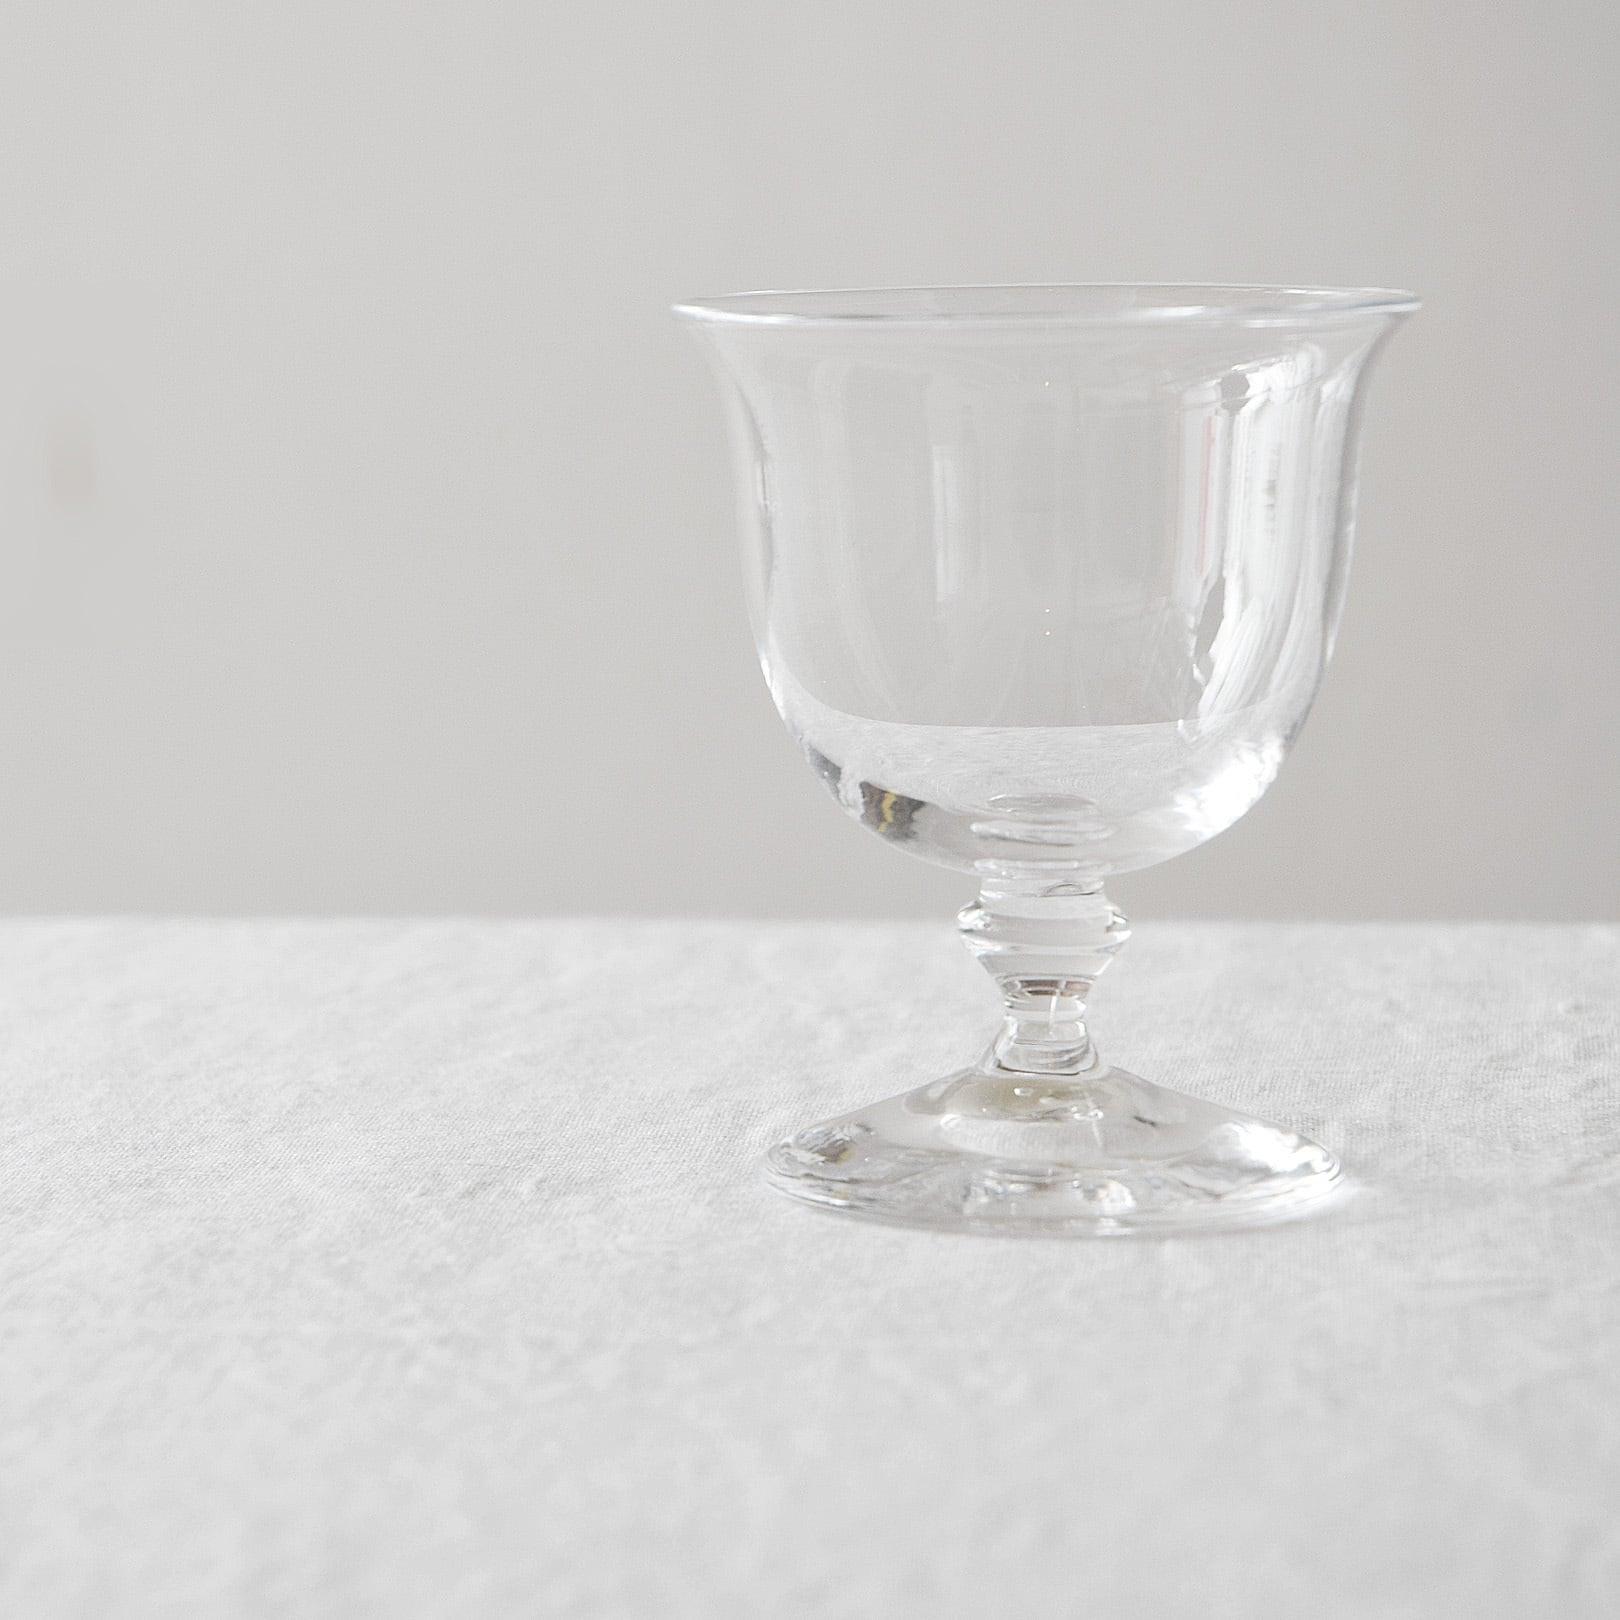 沖澤康平 KOHEI OKIZAWA SPREAD グラス